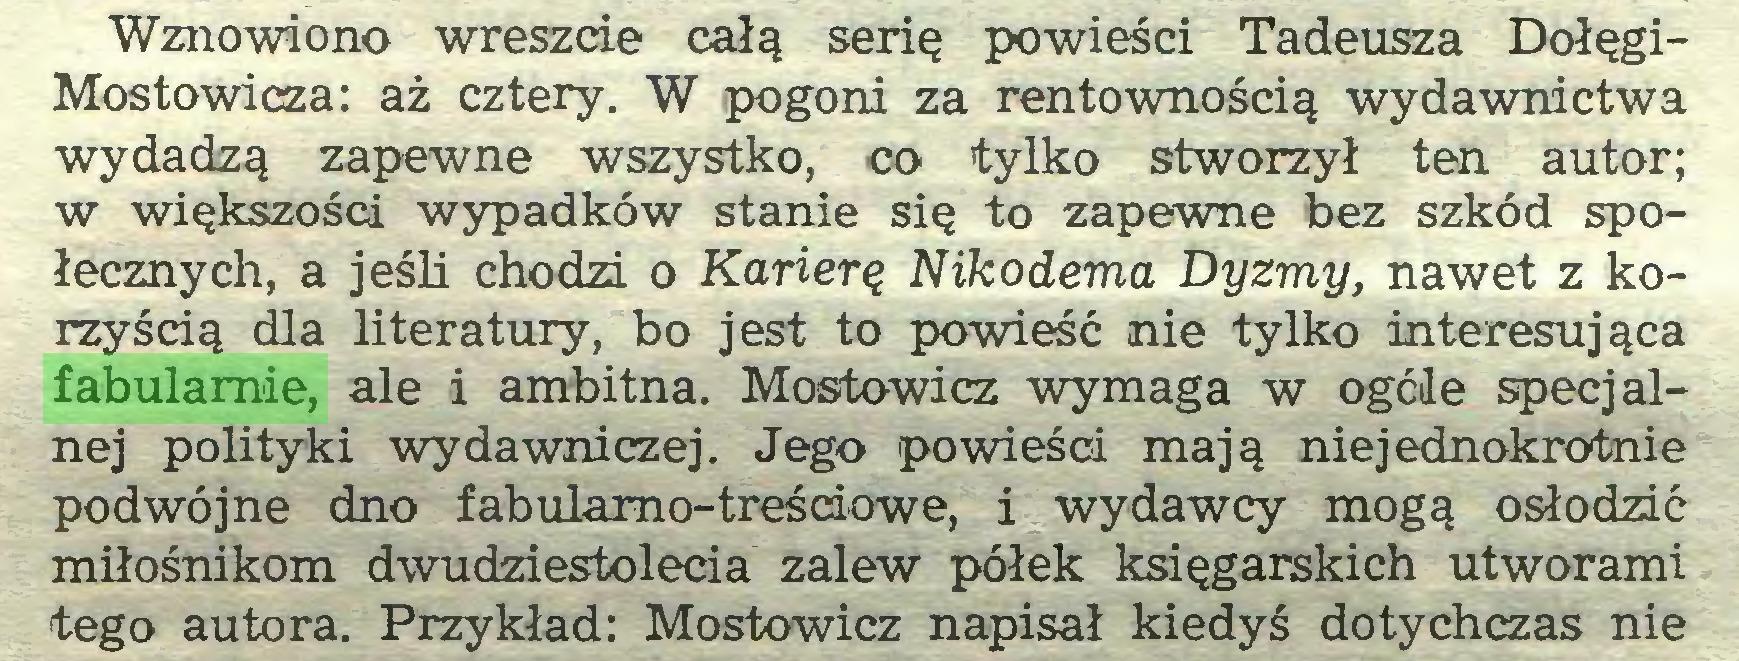 (...) Wznowiono wreszcie całą serię powieści Tadeusza DołęgiMostowicza: aż cztery. W pogoni za rentownością wydawnictwa wydadzą zapewne wszystko, co tylko stworzył ten autor; w większości wypadków stanie się to zapewne bez szkód społecznych, a jeśli chodzi o Karierę Nikodema Dyzmy, nawet z korzyścią dla literatury, bo jest to powieść nie tylko interesująca fabularnie, ale i ambitna. Mostowicz wymaga w ogóle specjalnej polityki wydawniczej. Jego powieści mają niejednokrotnie podwójne dno fabulamo-treścdowe, i wydawcy mogą osłodzić miłośnikom dwudziestolecia zalew półek księgarskich utworami tego autora. Przykład: Mostowicz napisał kiedyś dotychczas nie...